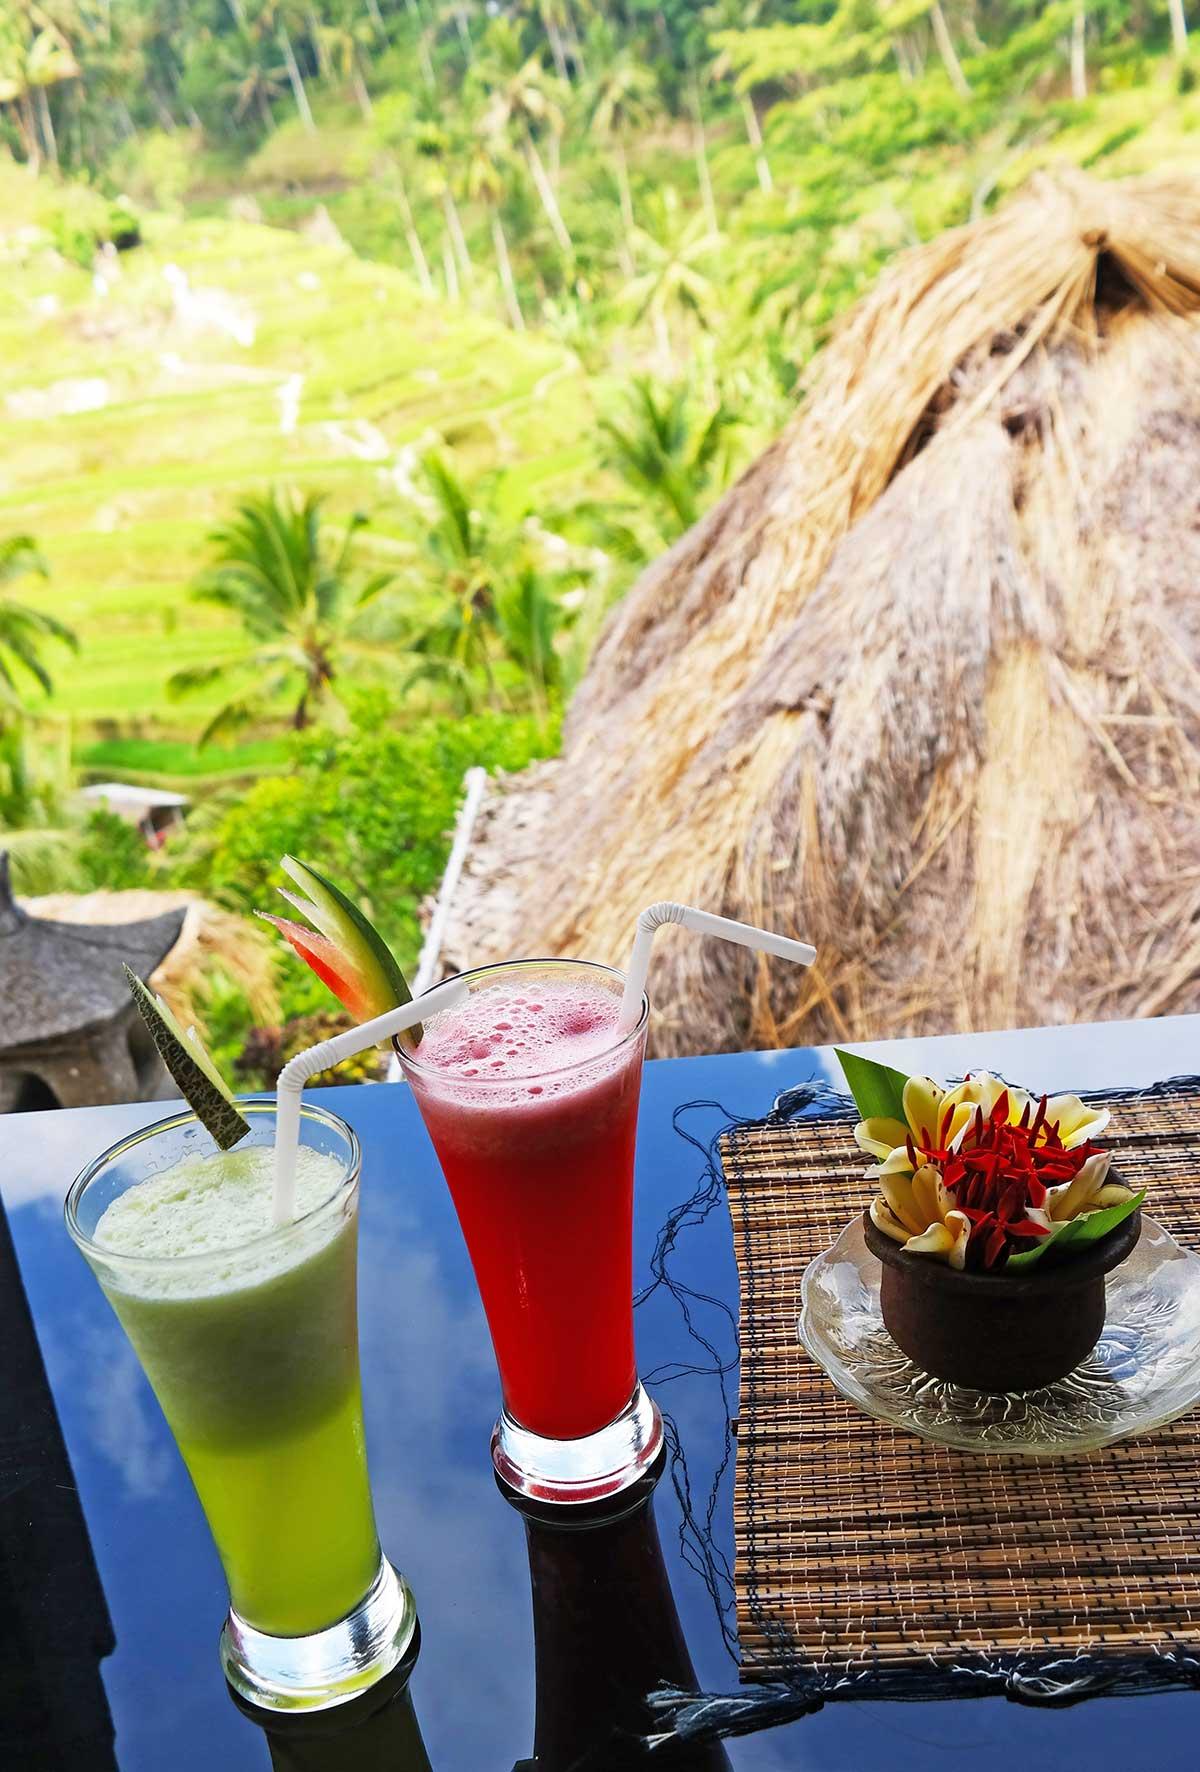 watermelon juice in Bali